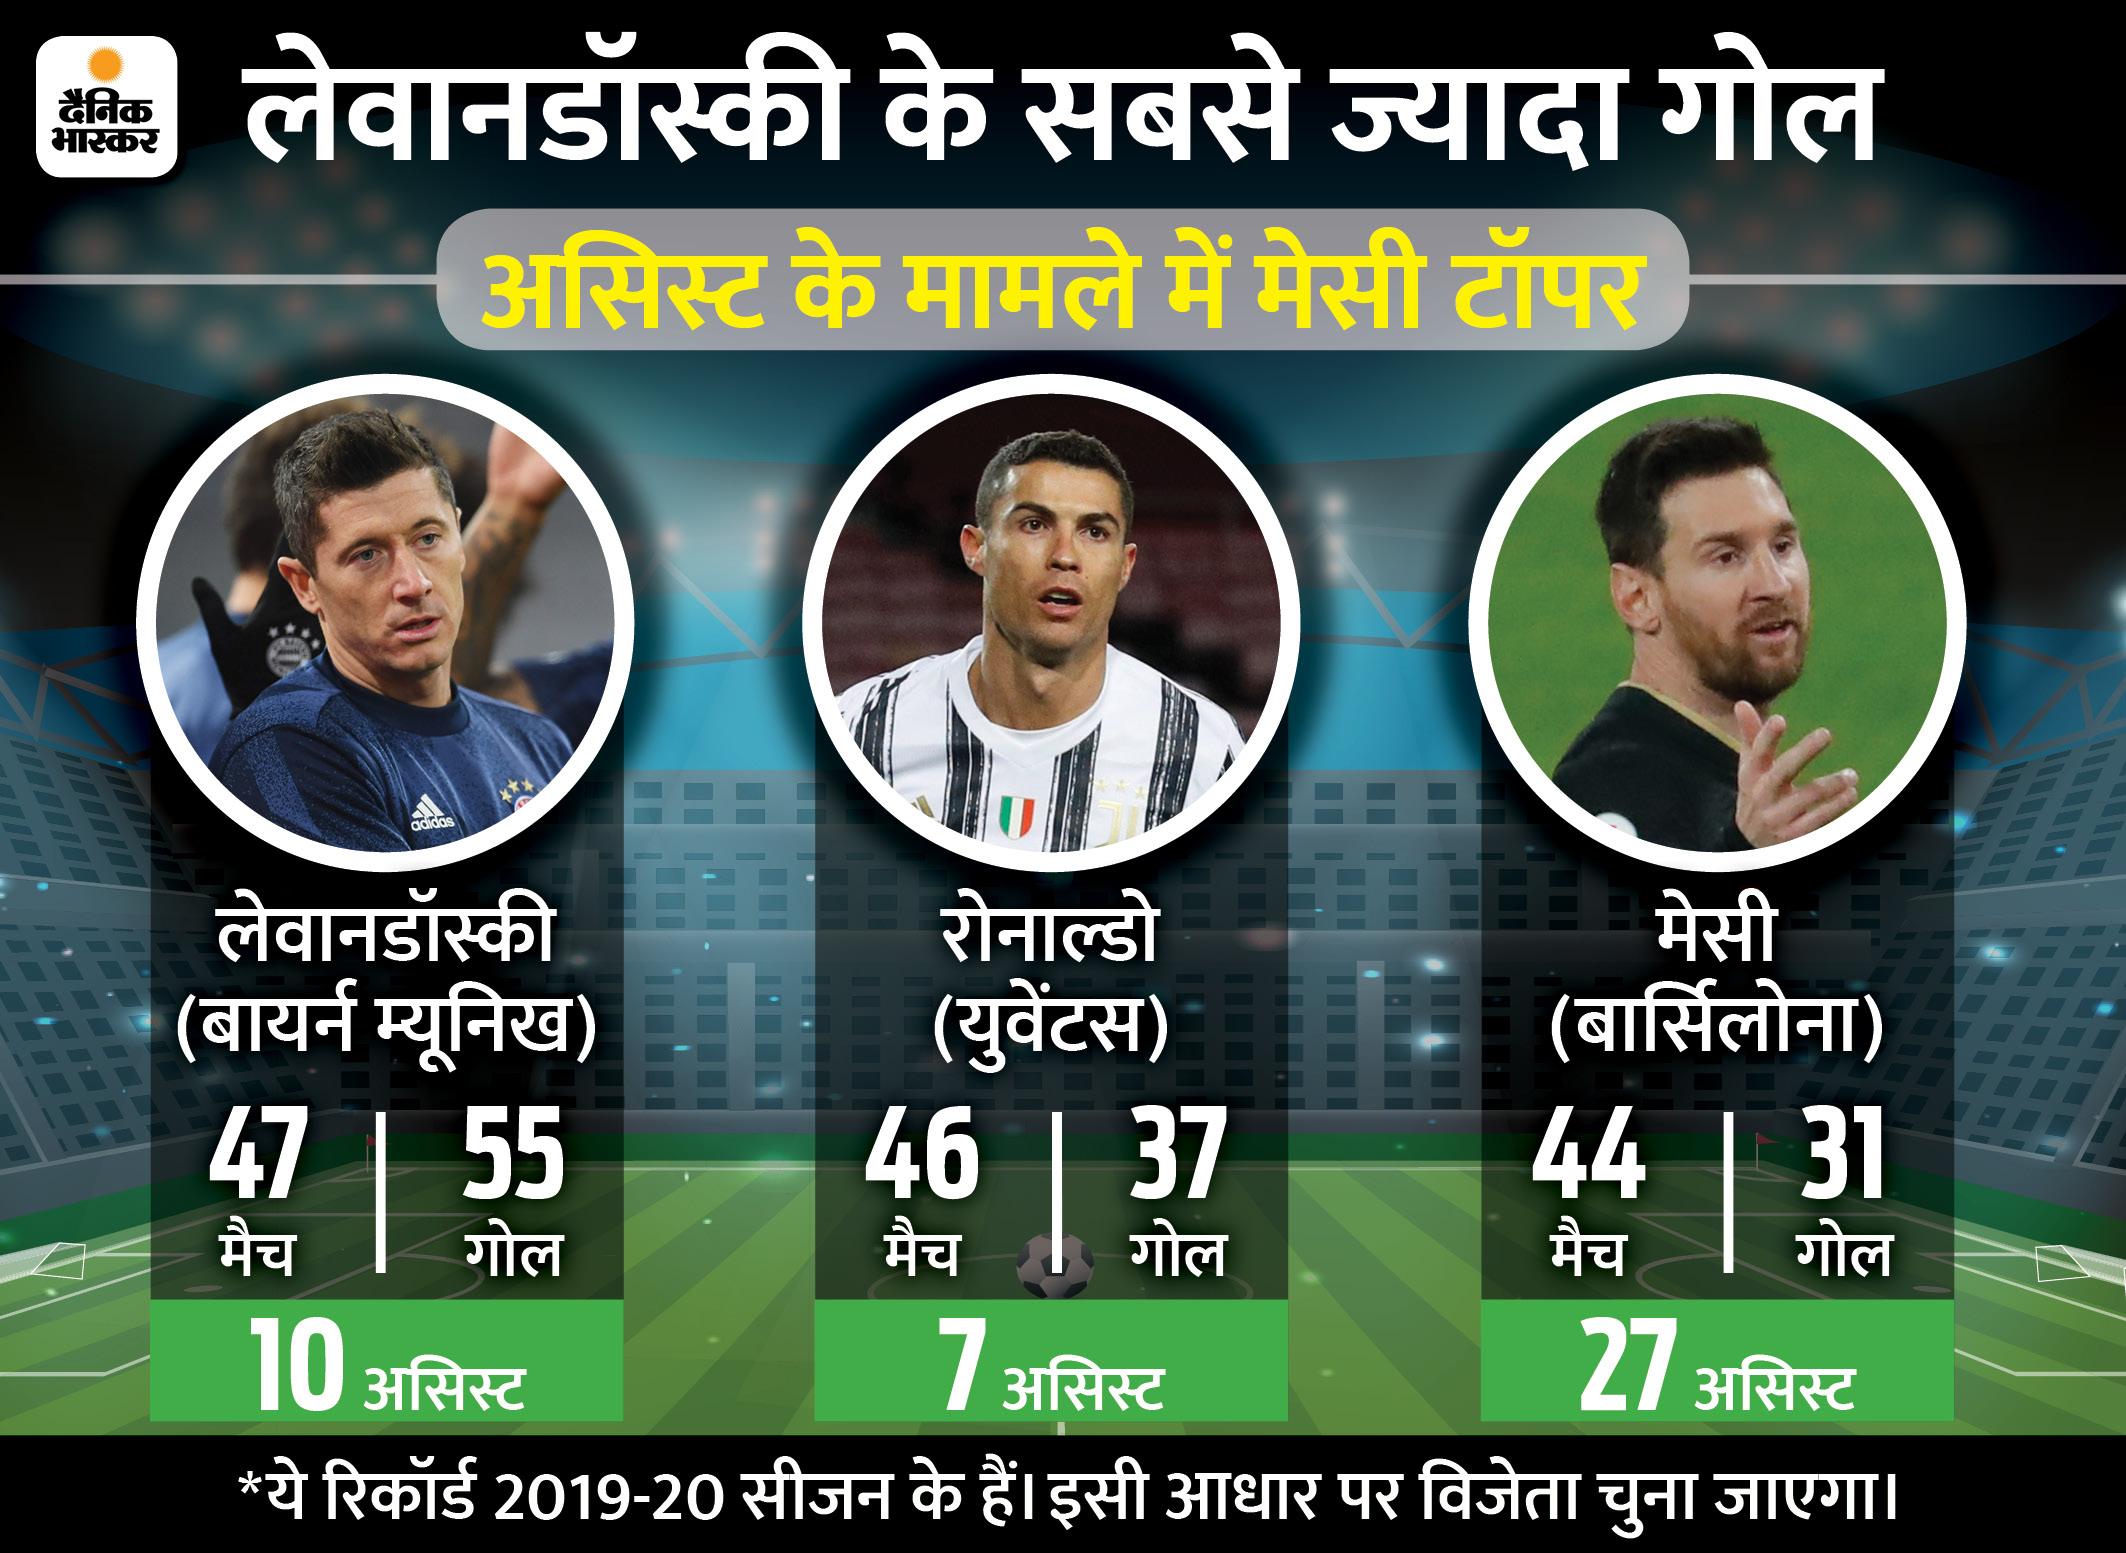 बेस्ट प्लेयर के लिए लेवानडॉस्की को रोनाल्डो और मेसी की चुनौती, 17 दिसंबर को दिए जाएंगे अवॉर्ड स्पोर्ट्स,Sports - Dainik Bhaskar